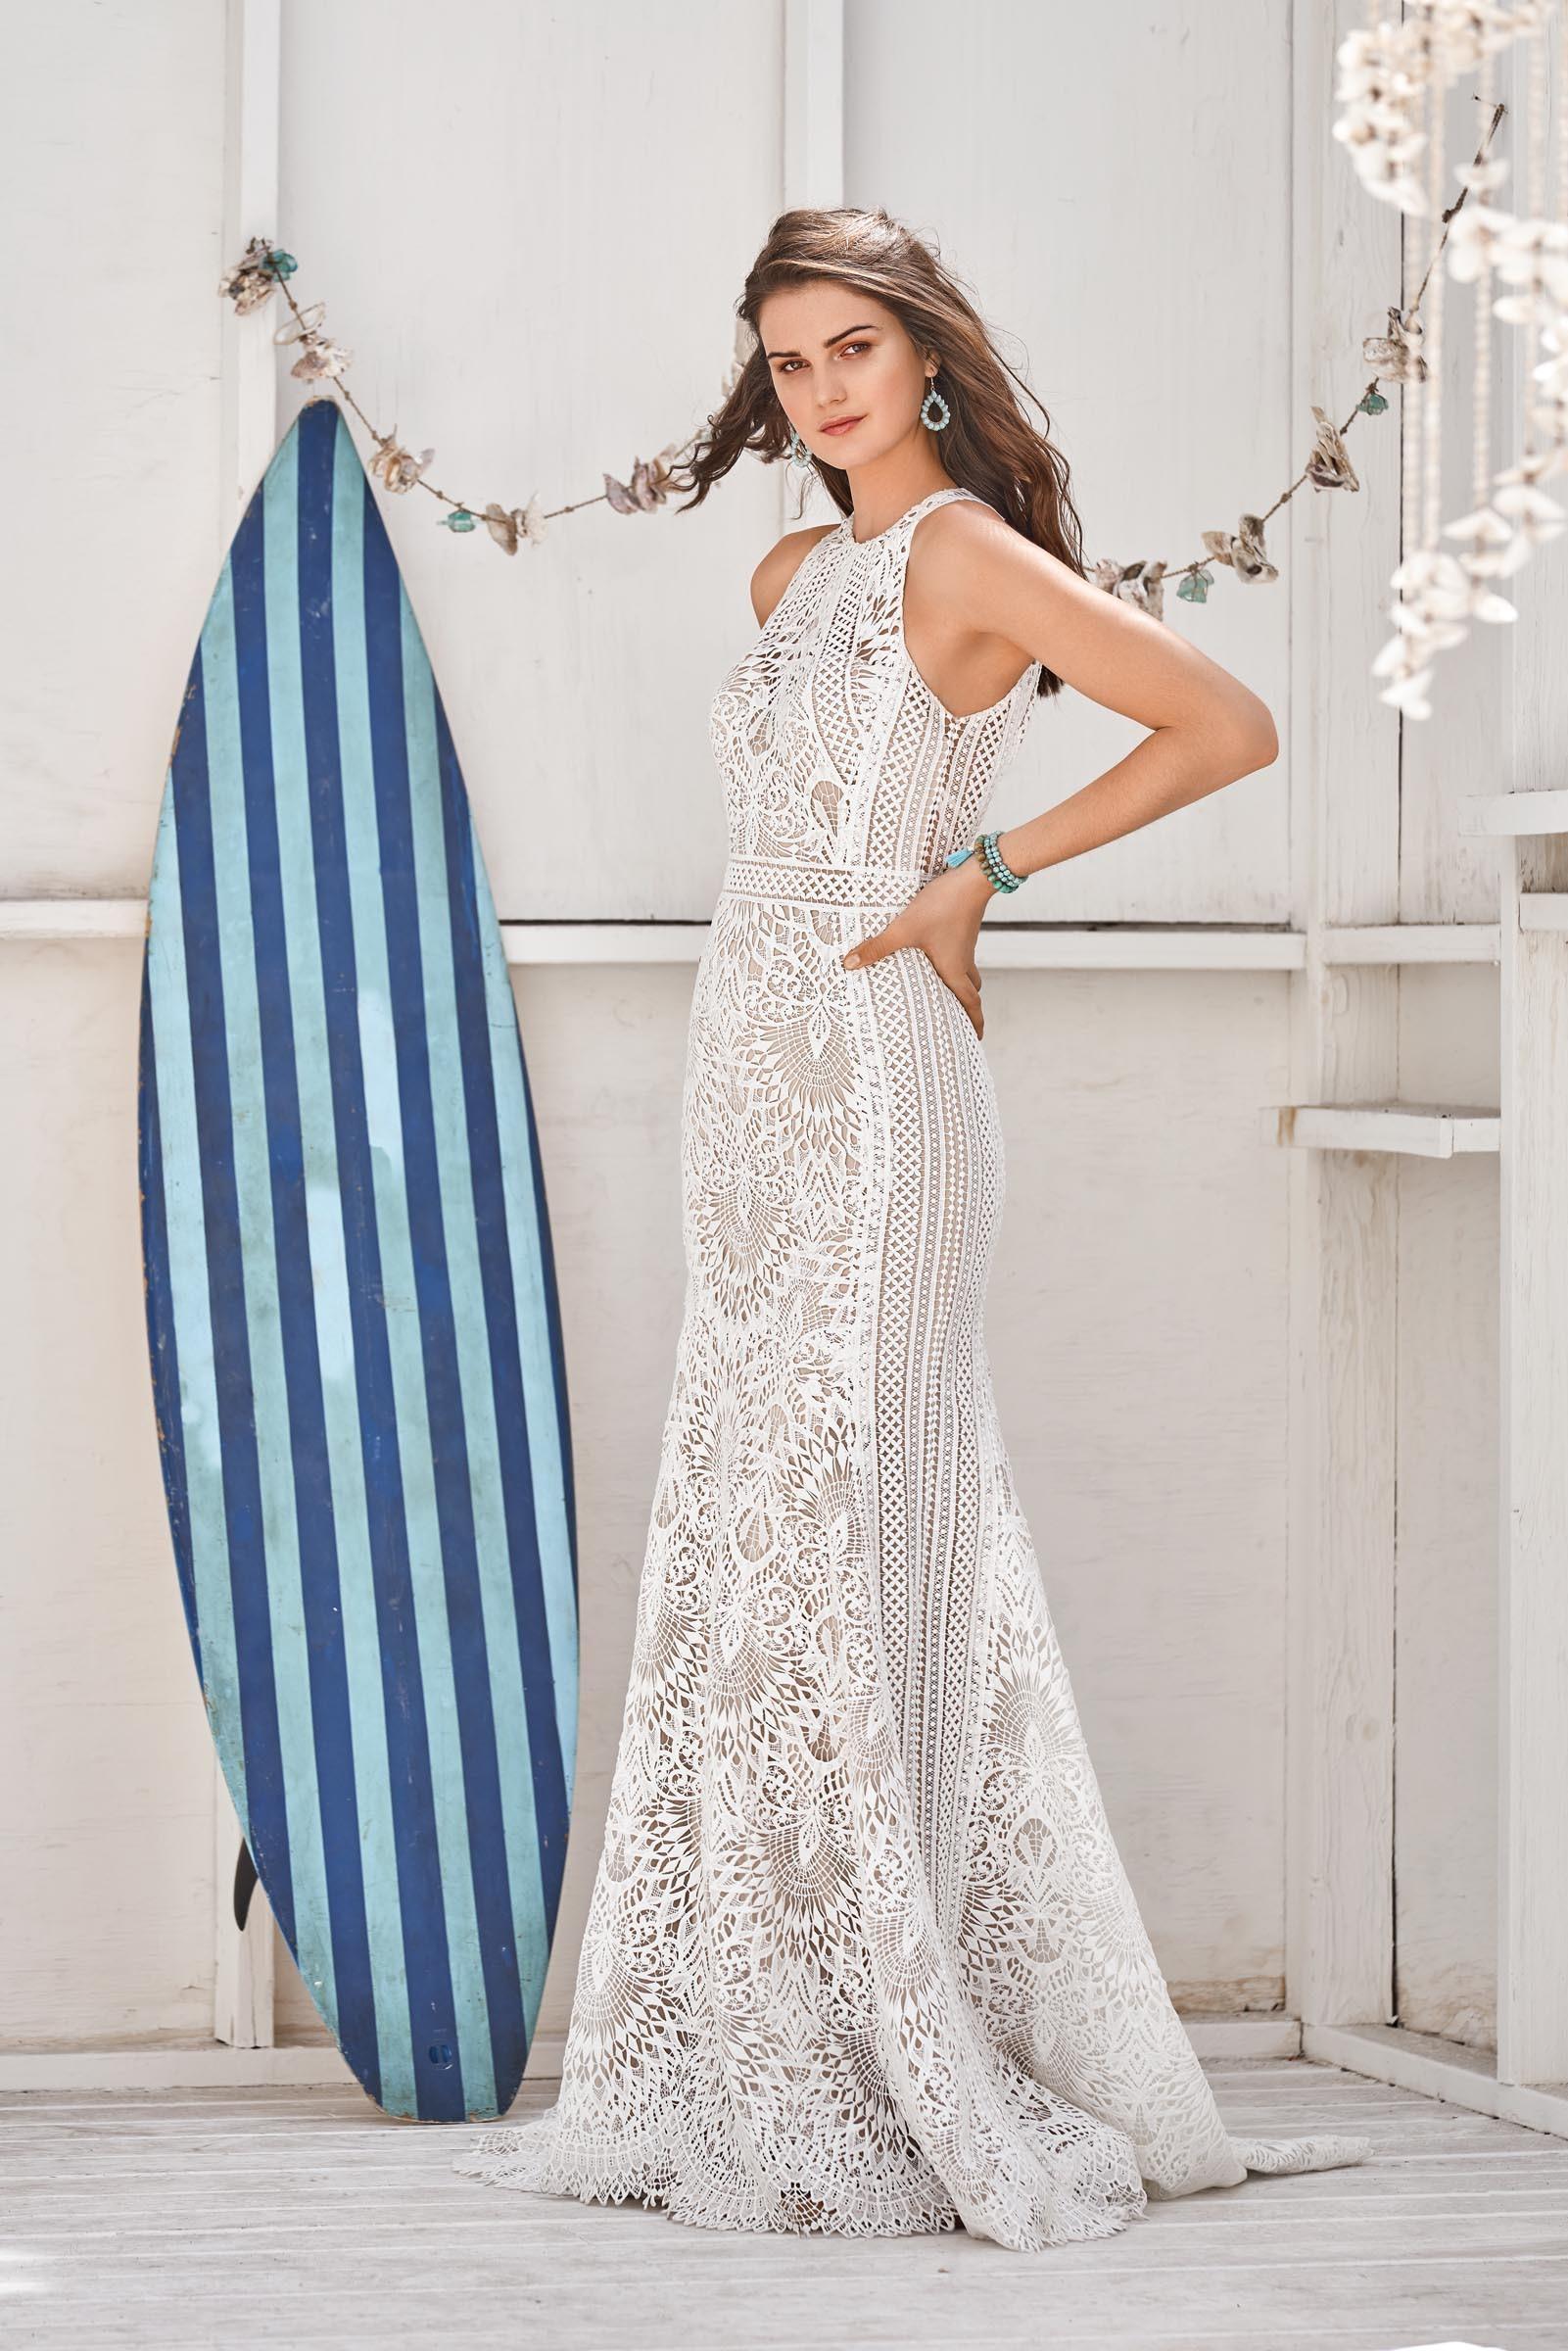 Brautkleid aus Spitze mit Neckholder im Boho-Stil von Lillian West, Modell 66055